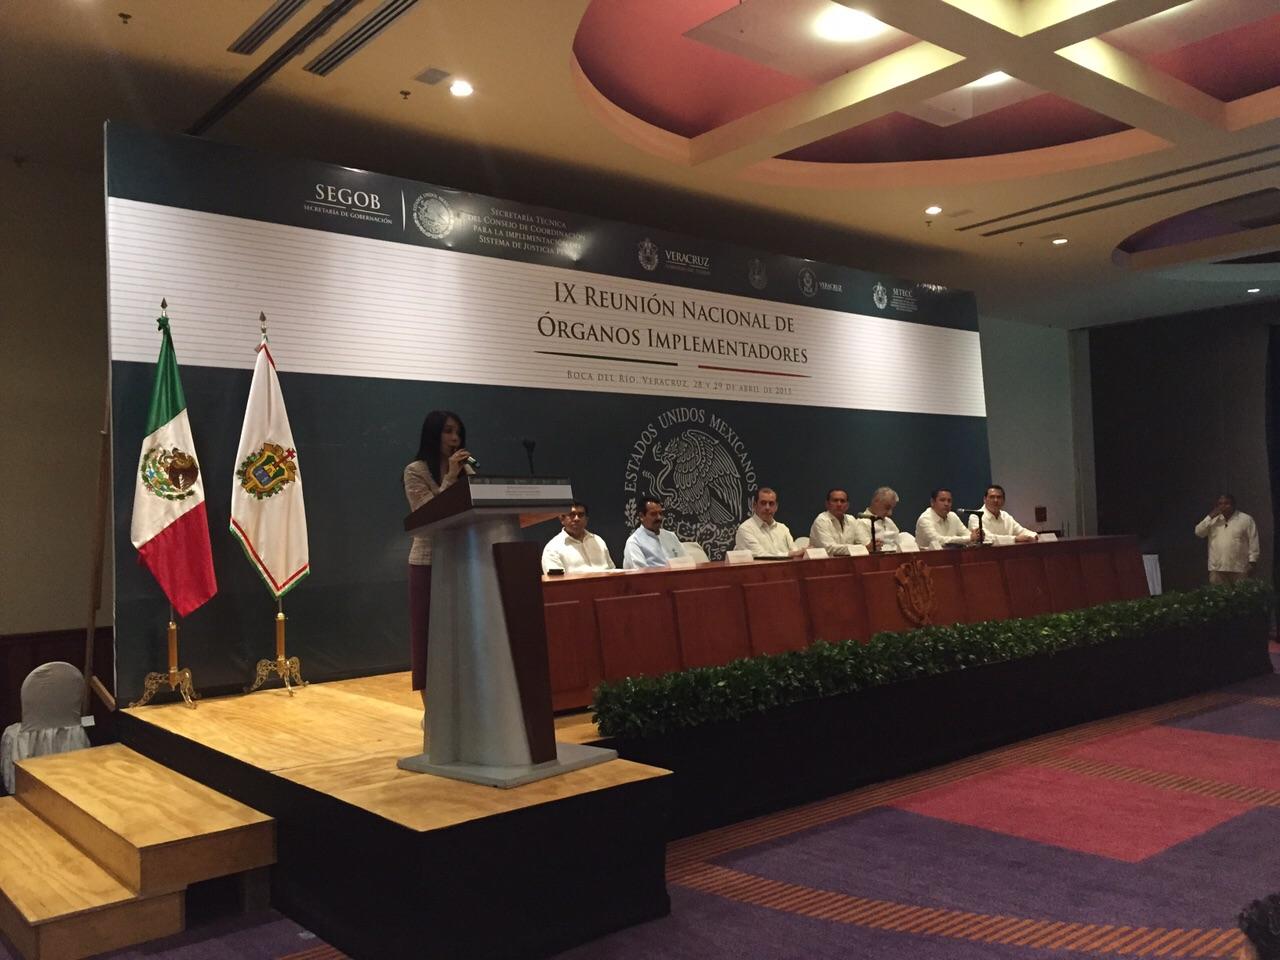 María de los Ángeles Fromow Rangel, titular de la Secretaría Técnica del Consejo de Coordinación para la Implementación del Sistema de Justicia Penal, durante la clausura de la IX Reunión de Órganos Implementadores en Boca del Río, Veracruz.